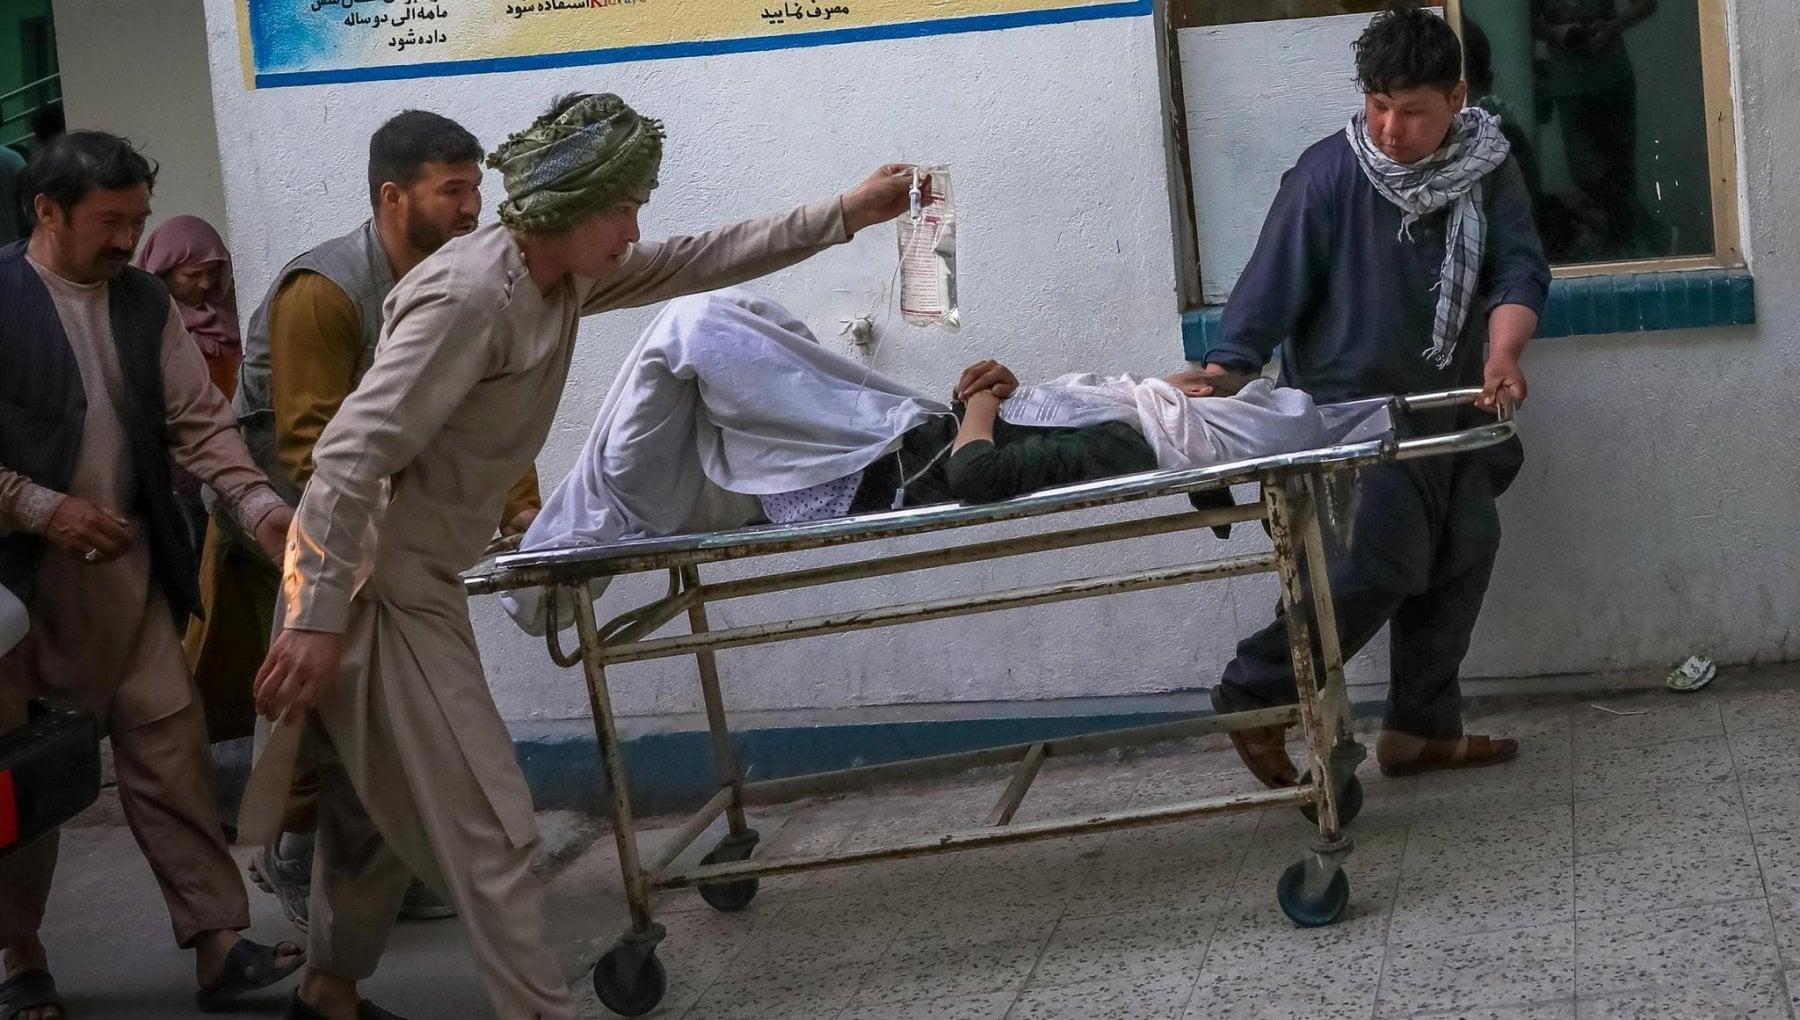 """160221543 af24d253 f579 4ea9 bd31 7db7c76ee781 - Afghanistan, il giorno dopo la strage. La testimonianza da Kabul: """"Sarà di nuovo la guerra civile: è un incubo"""""""